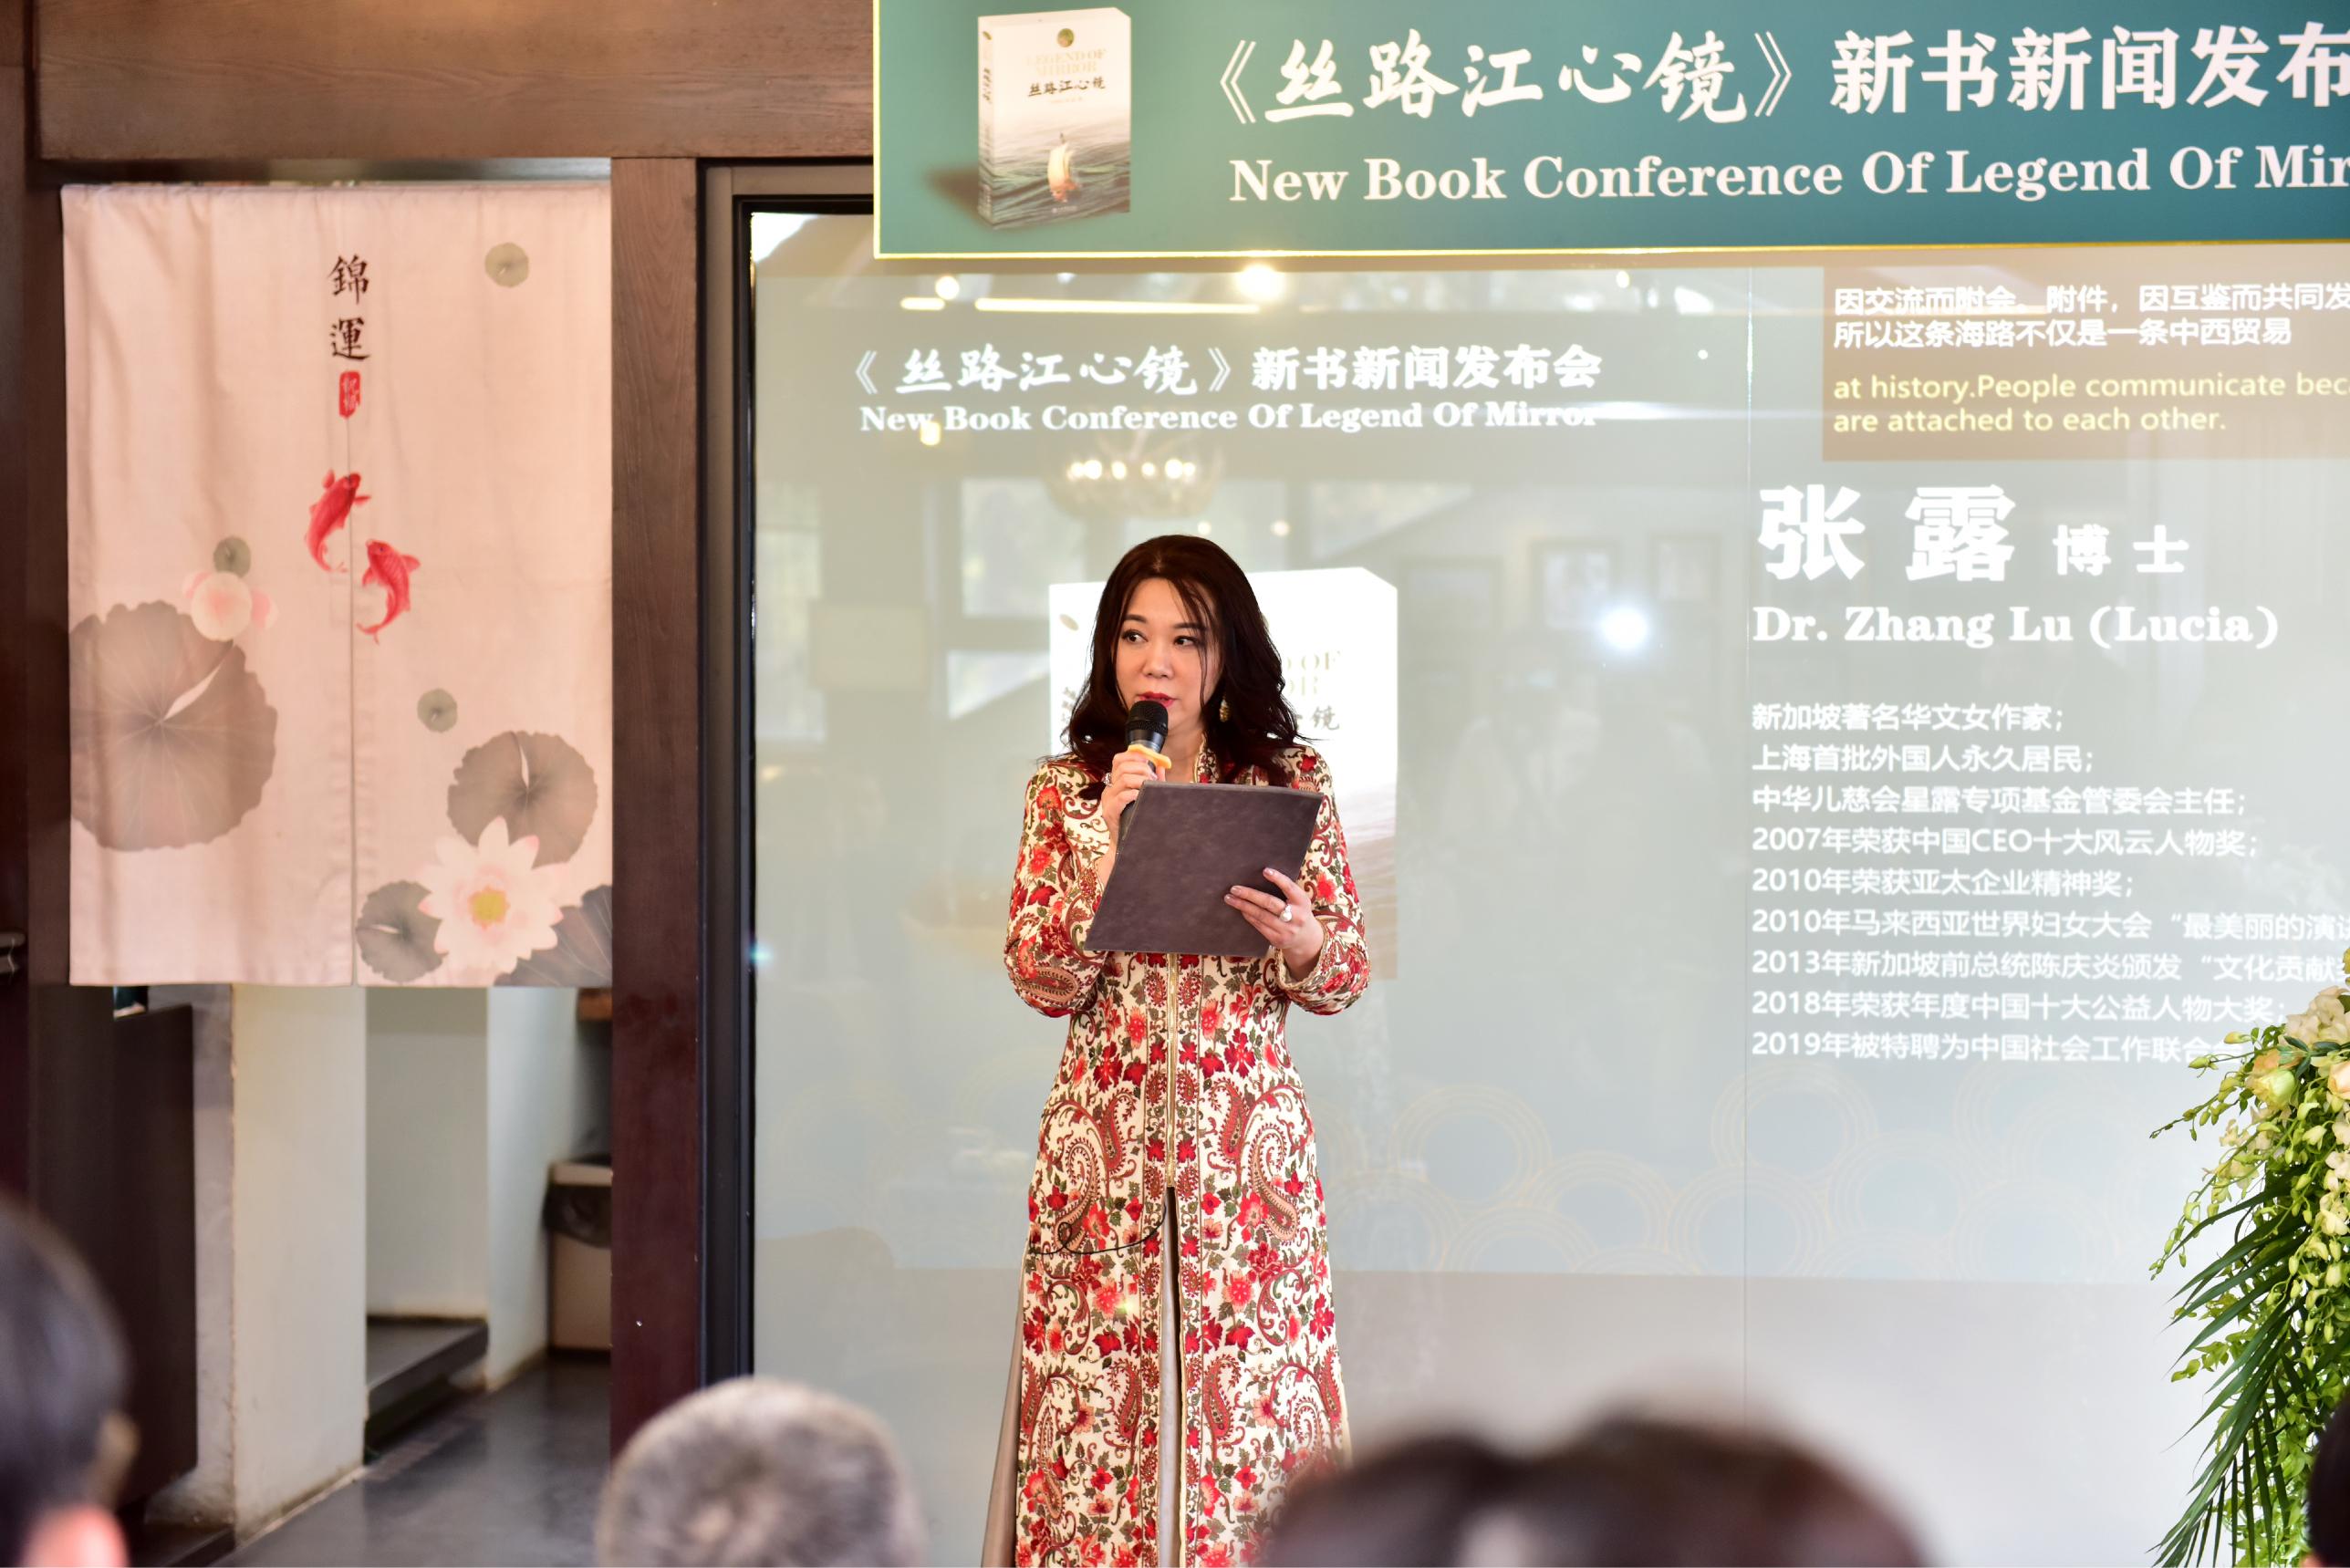 新加坡作家张露《丝路江心镜》:重述海上丝绸之路的历史